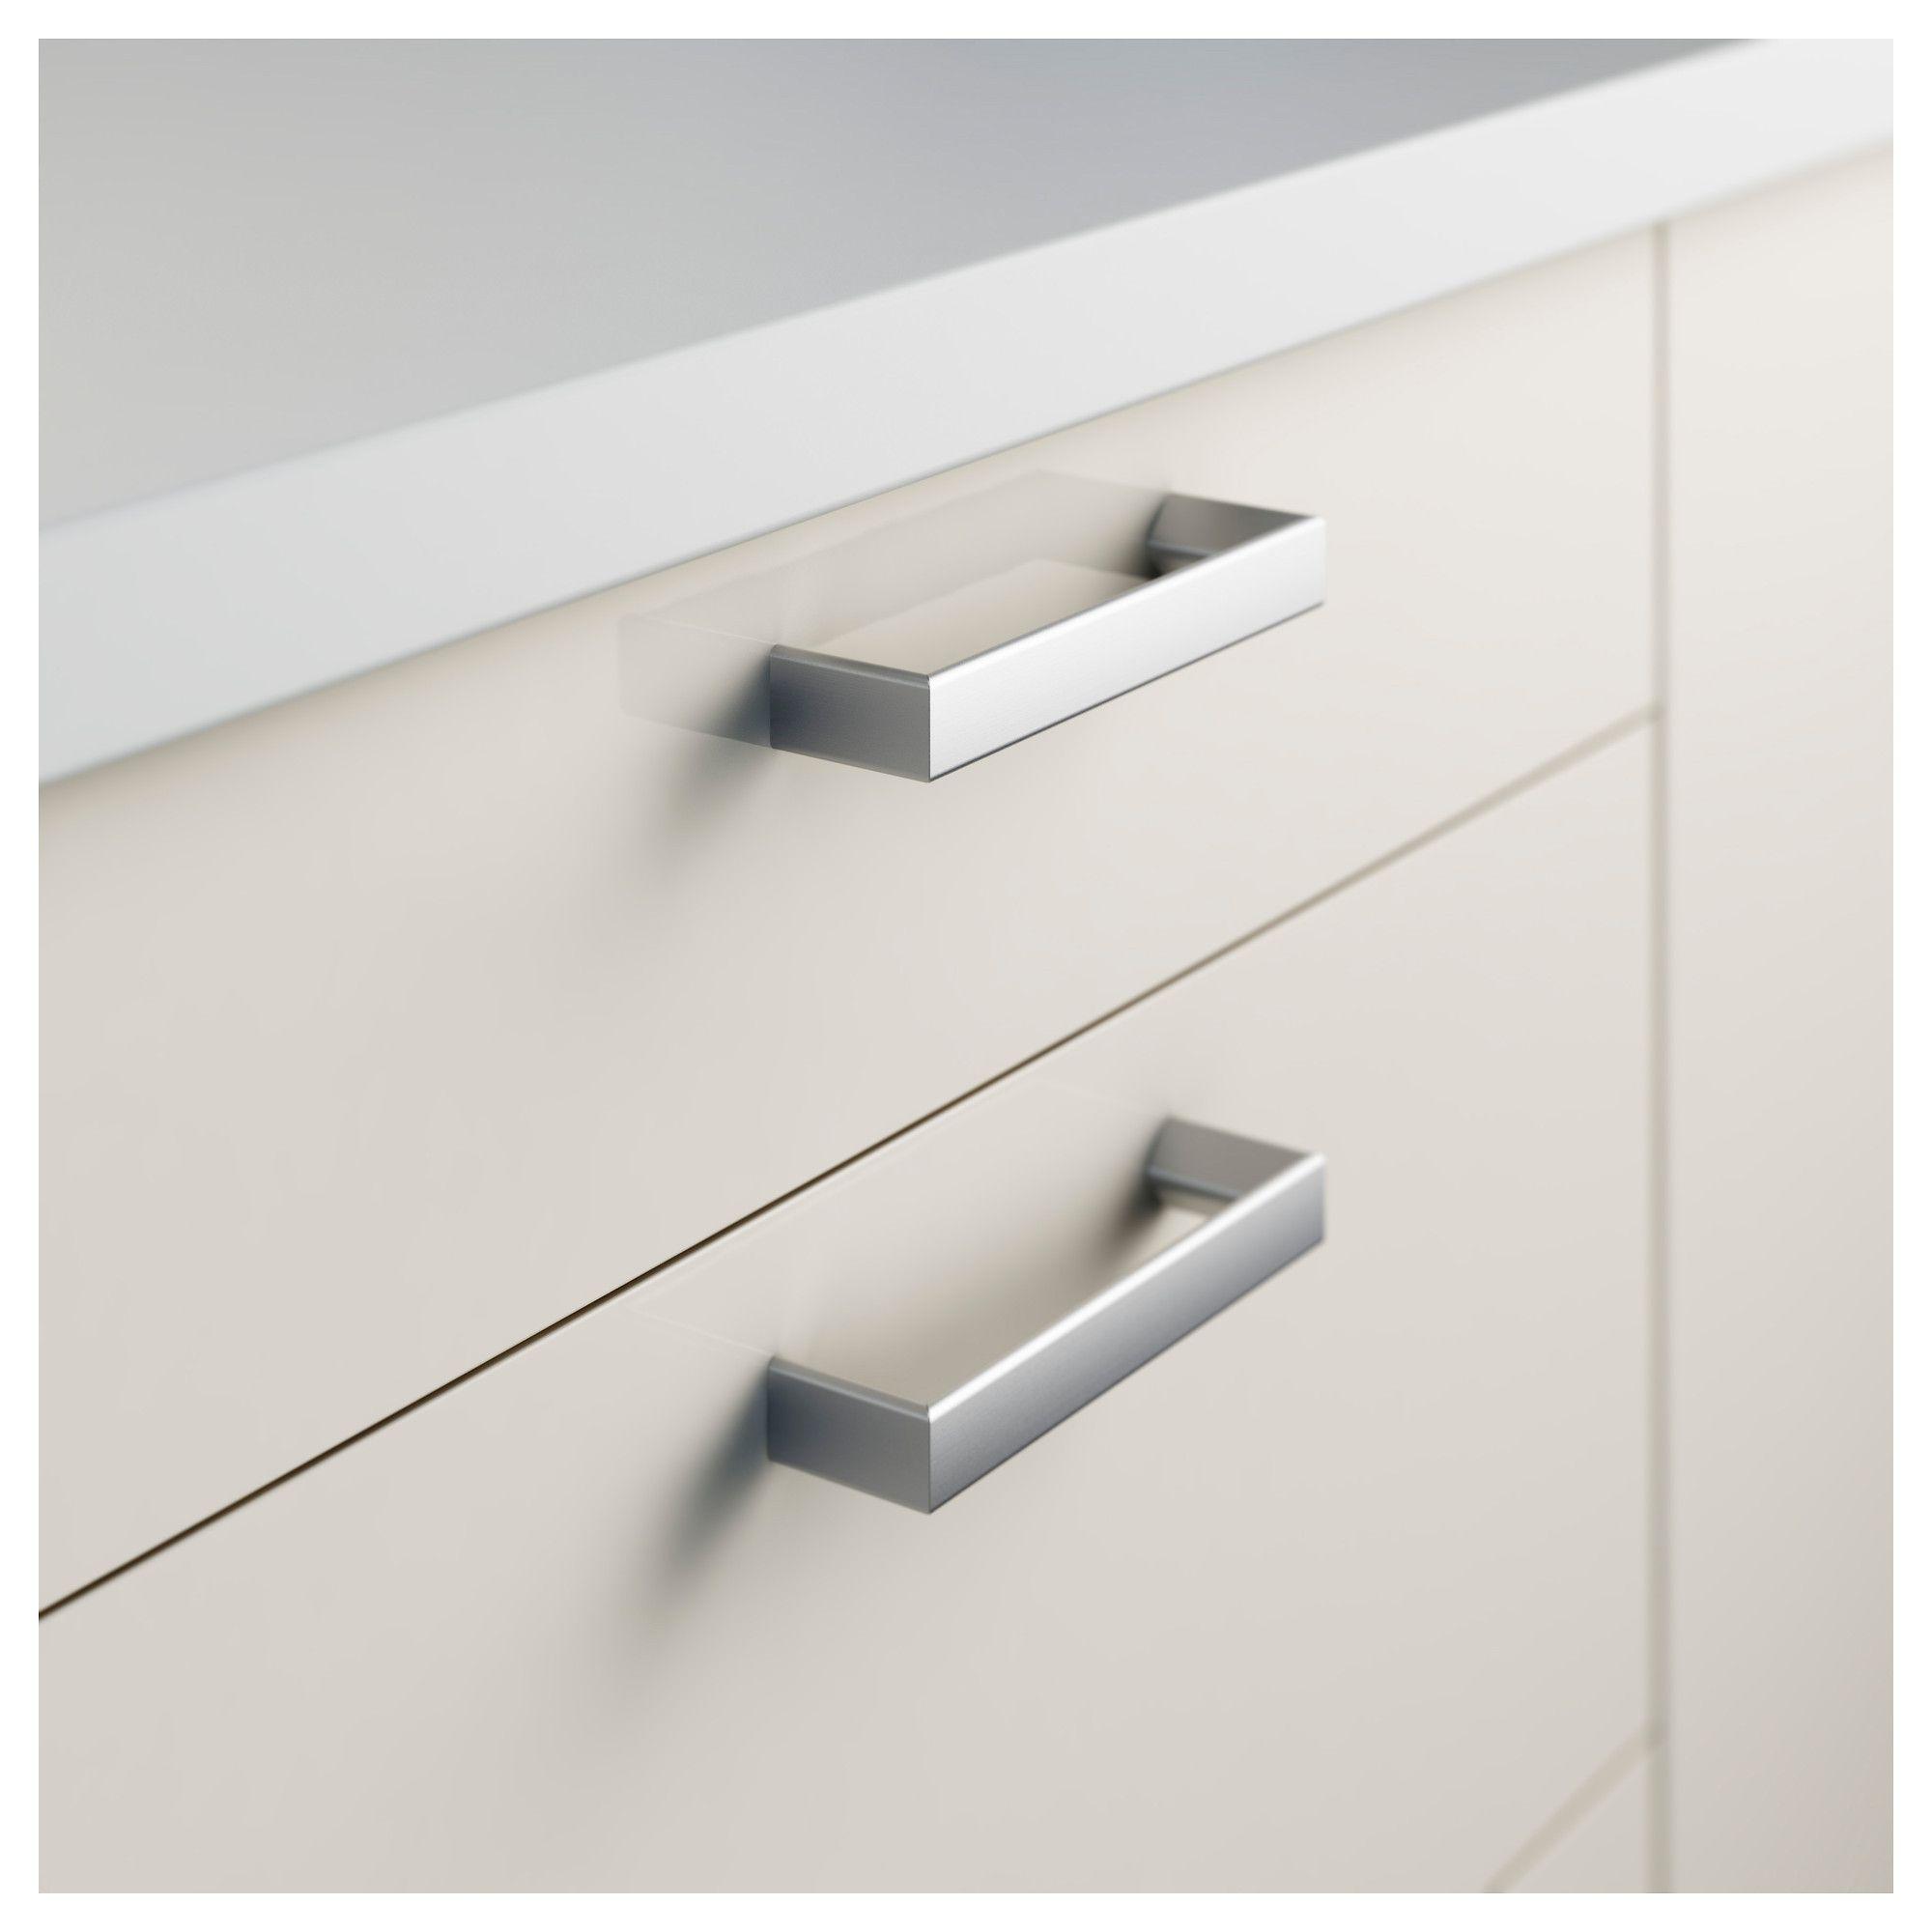 Full Size of Küchenschrank Griffe Ikea Kchenschrank Dies Ist Neueste Informationen Auf Küche Möbelgriffe Wohnzimmer Küchenschrank Griffe